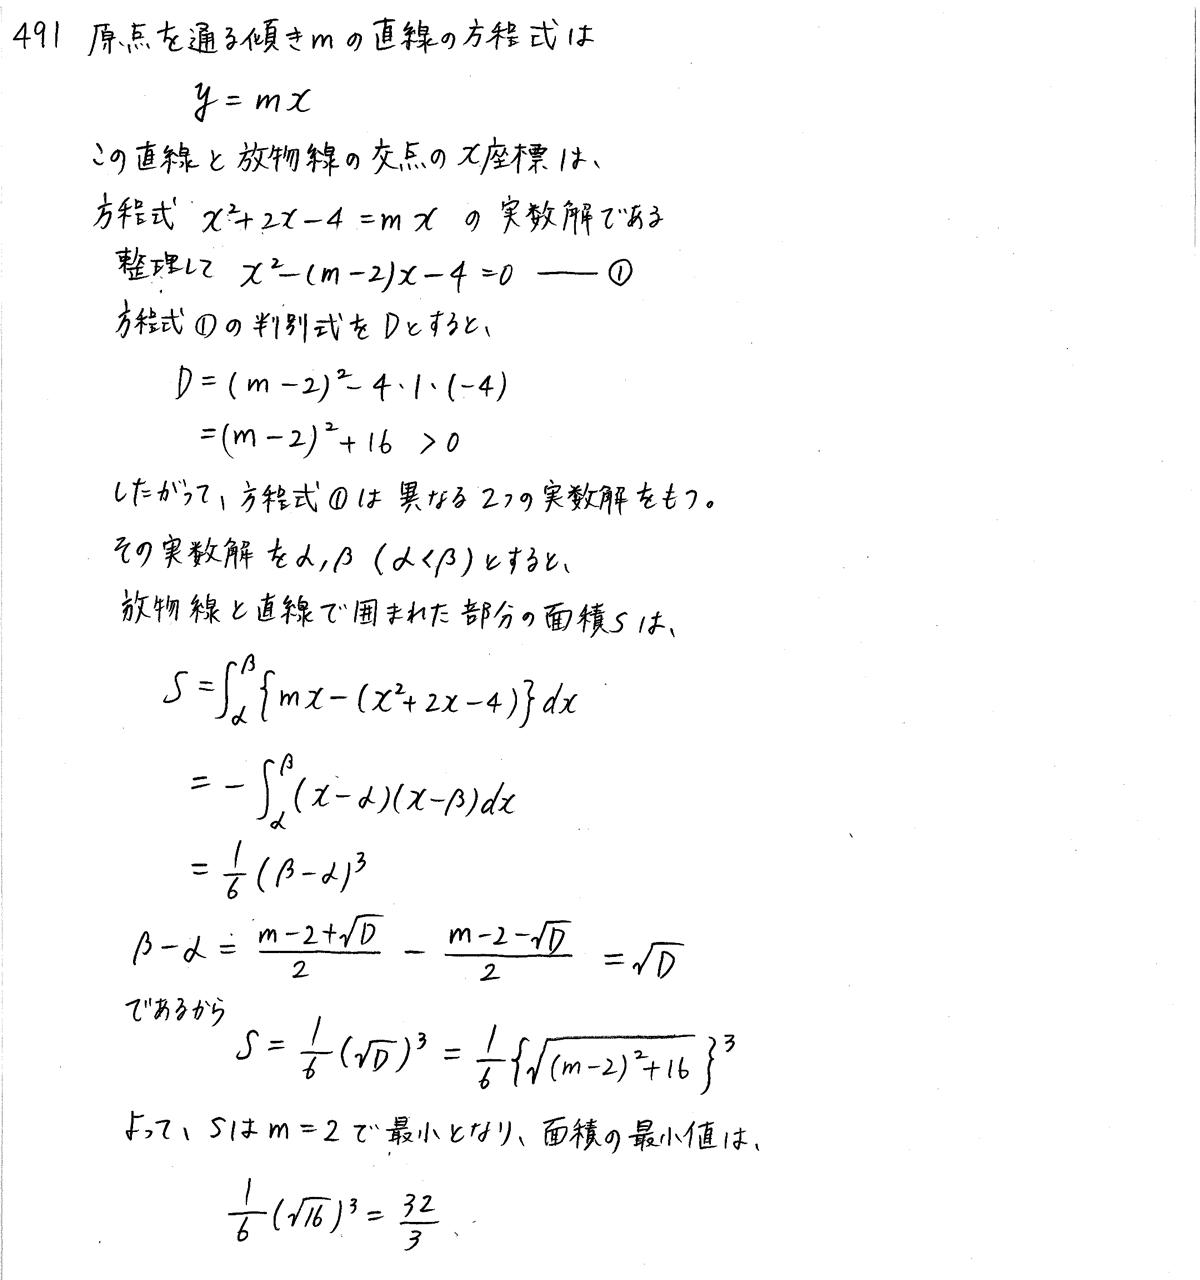 クリアー数学2-491解答